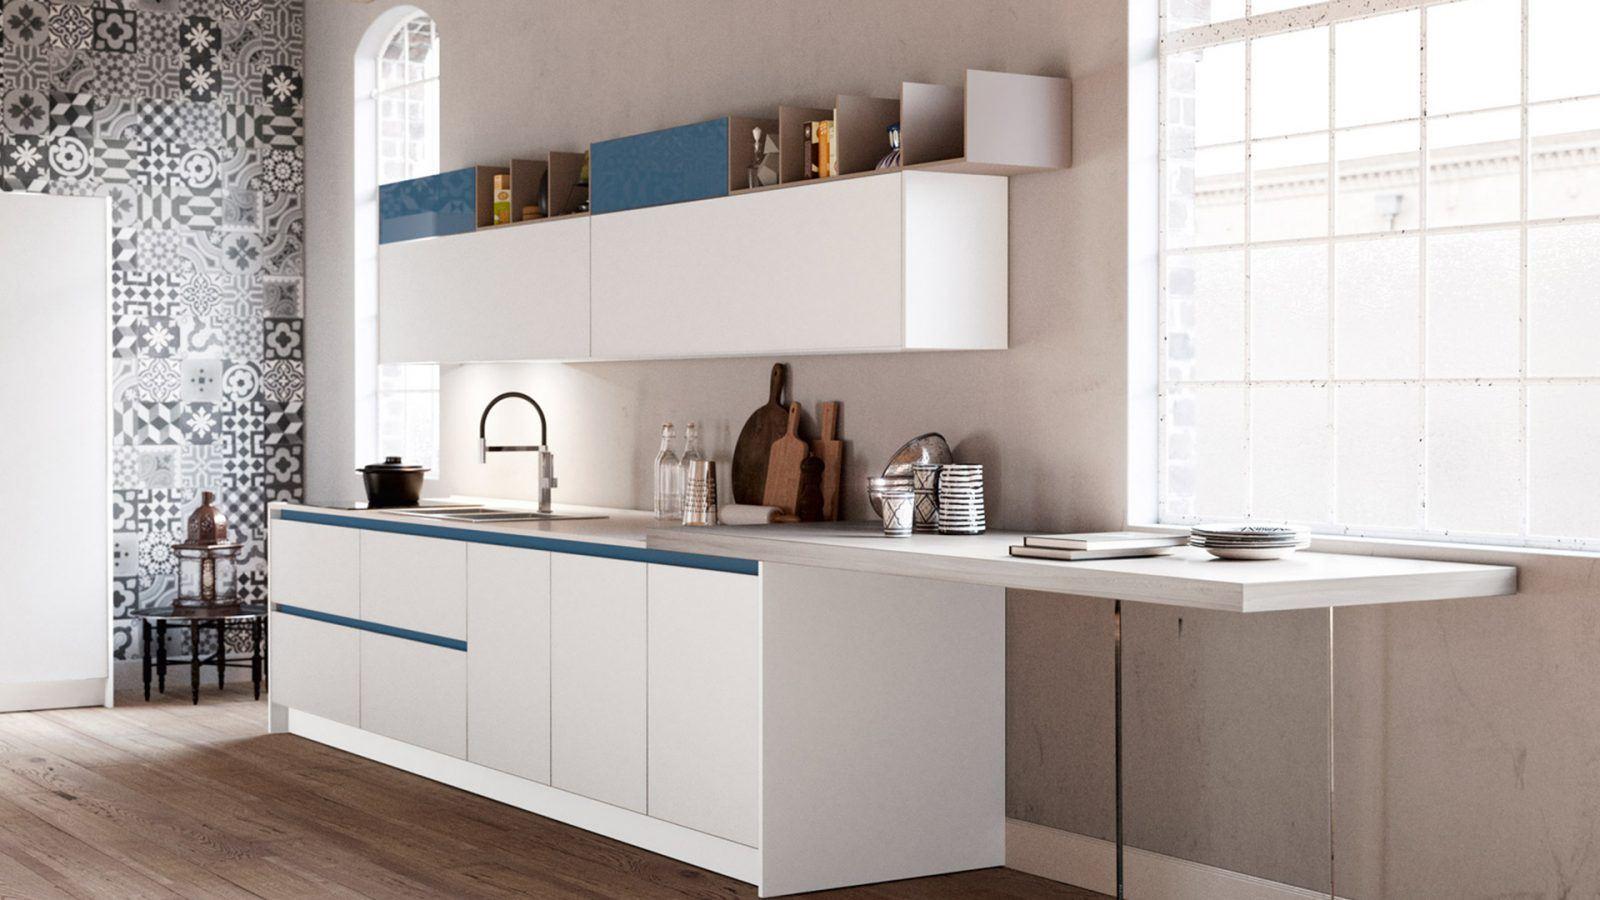 Cucine su misura a padova progettazione gratuita for Cucine su misura